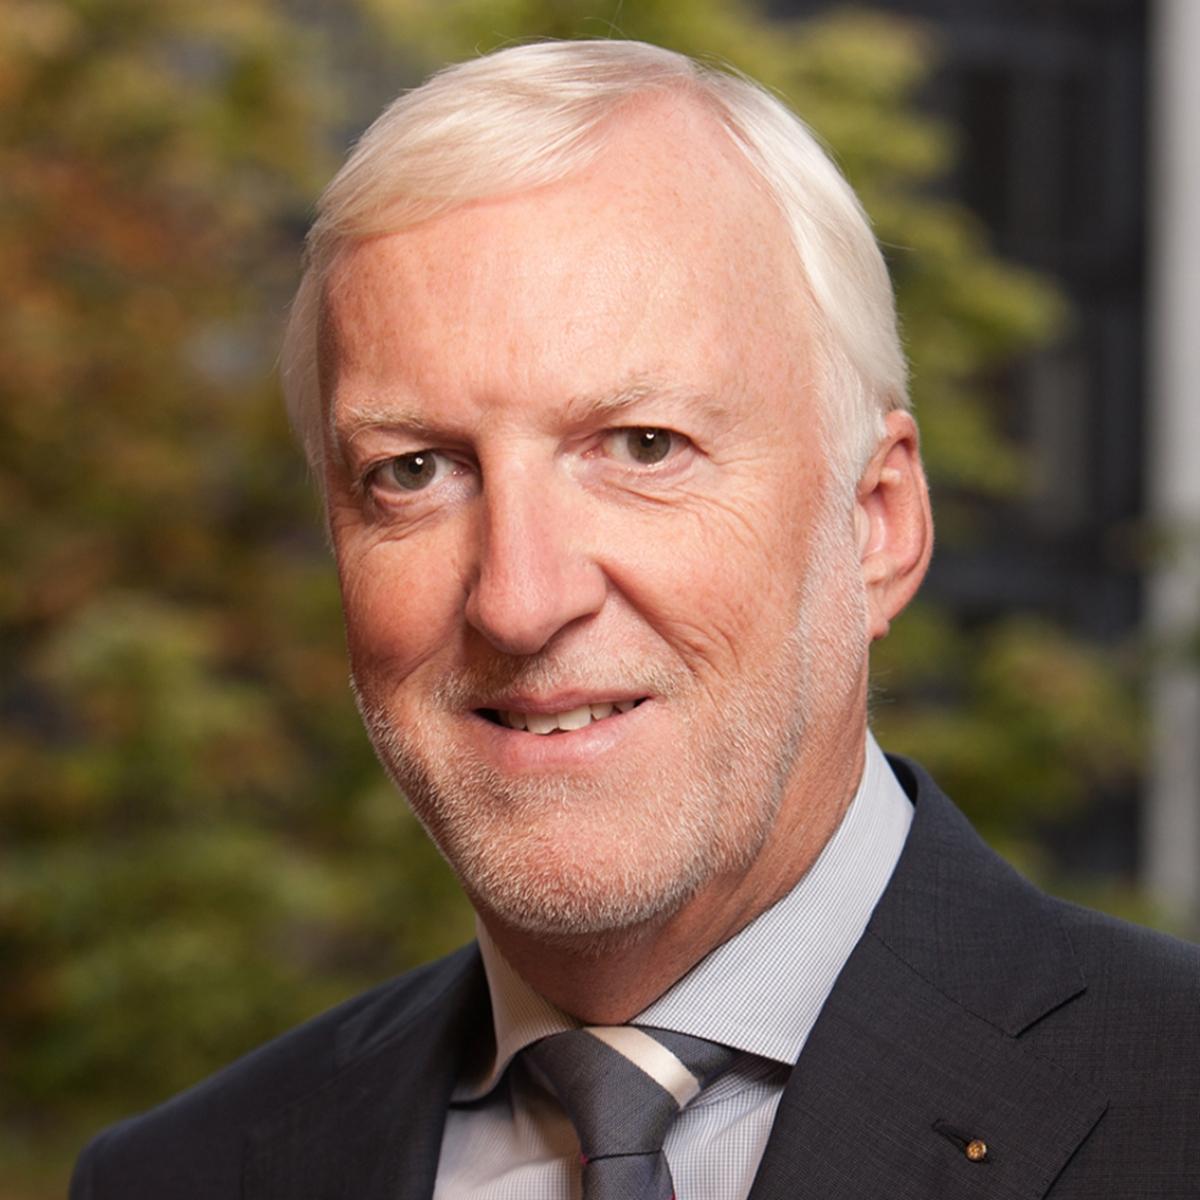 Bert Vermeiren